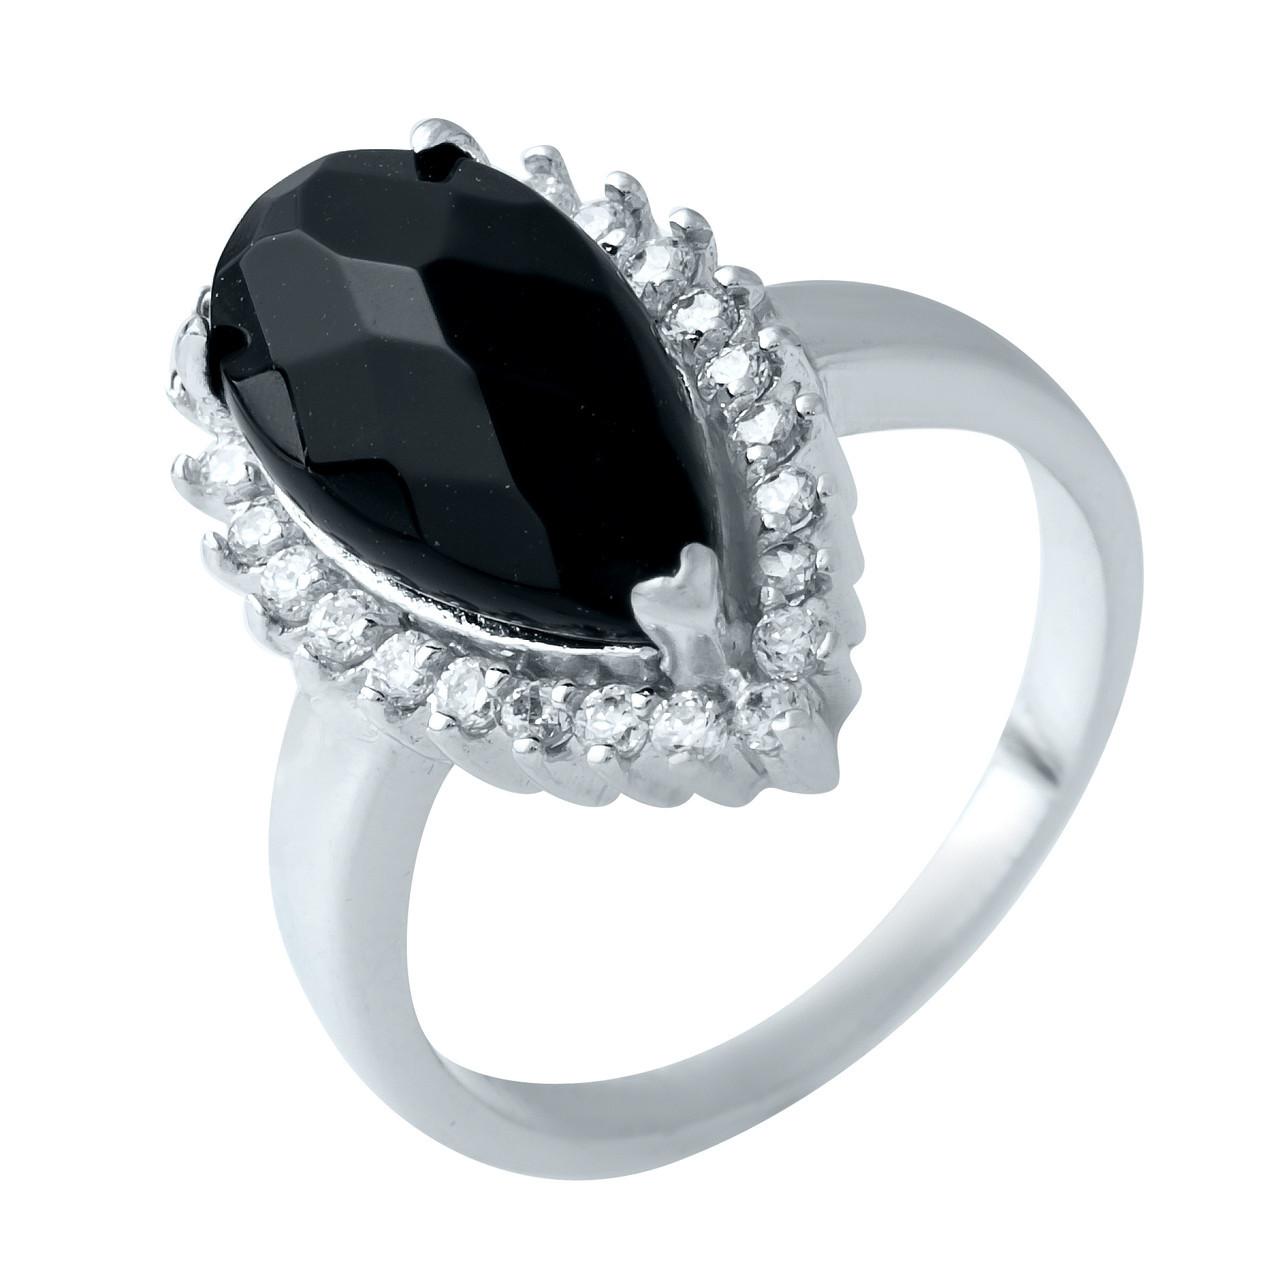 Родированное серебряное кольцо 925 пробы с натуральным авантюрином